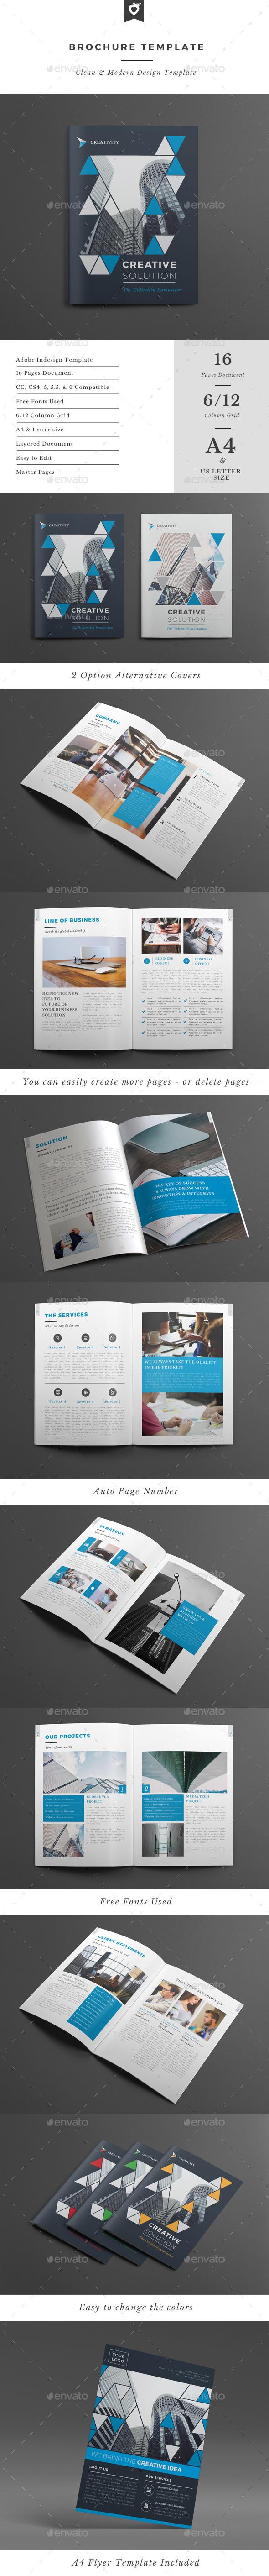 Brochure Template - Corporate Brochures